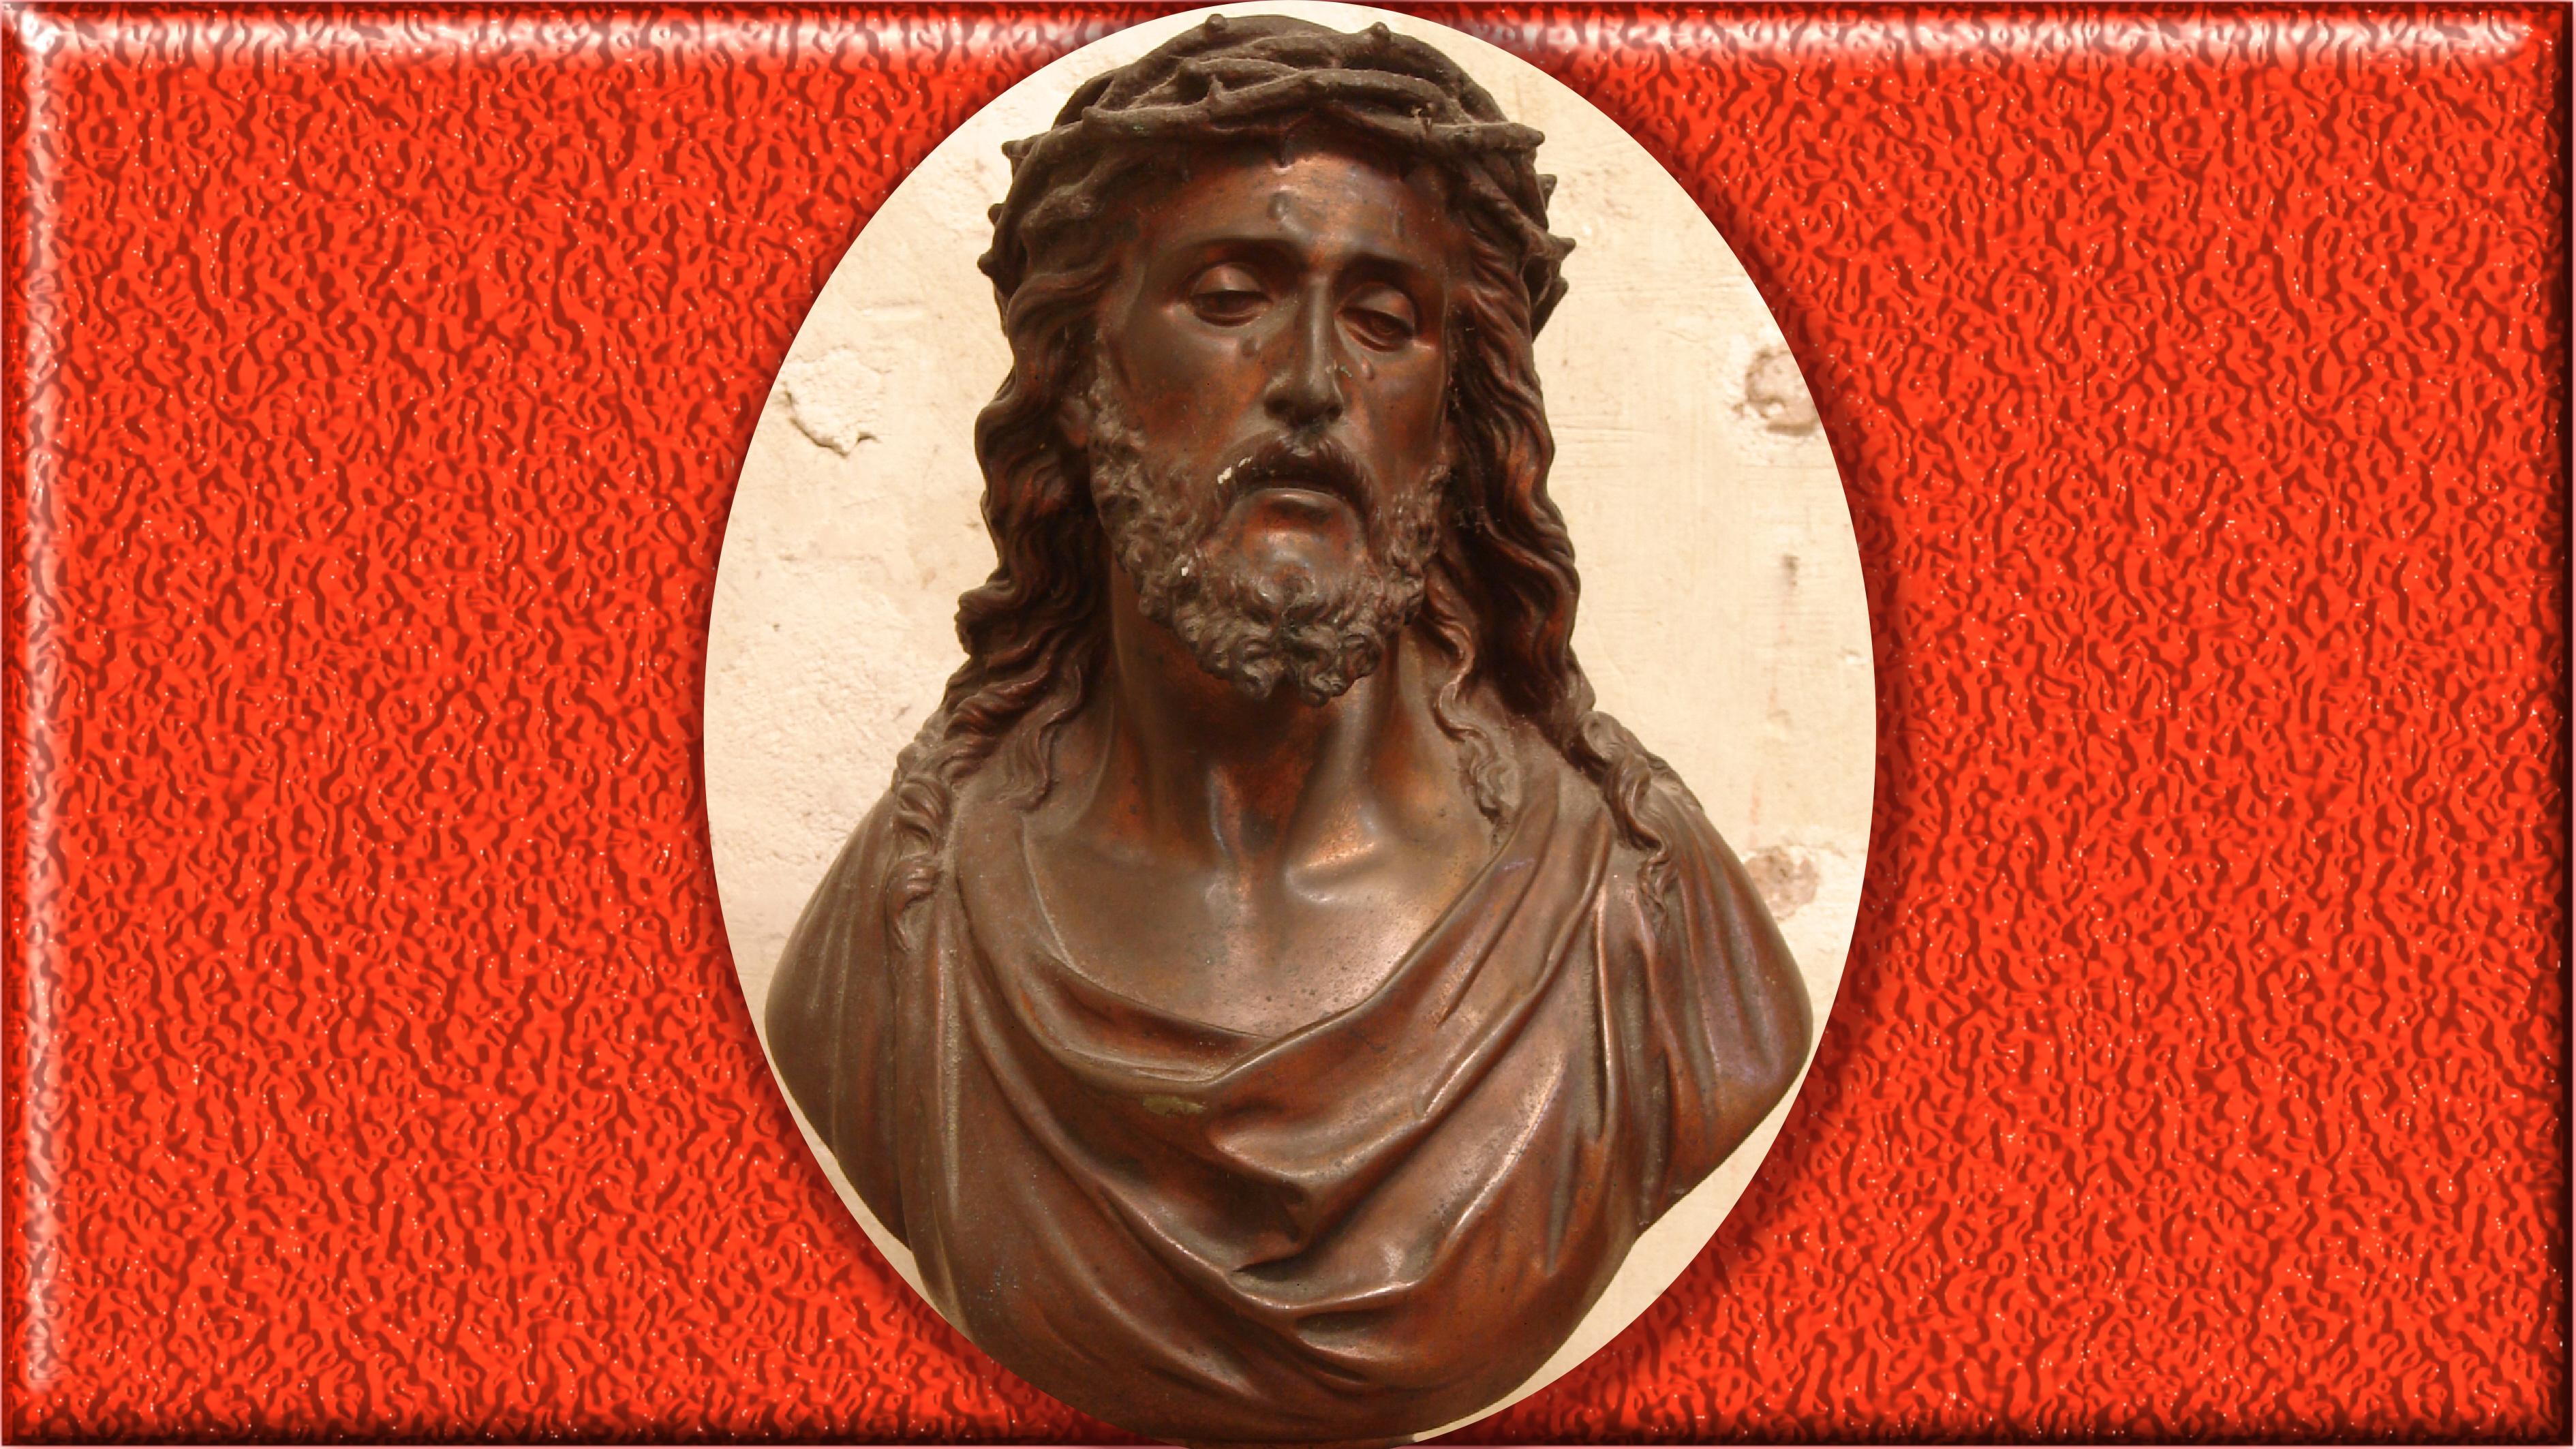 CALENDRIER CATHOLIQUE 2020 (Cantiques, Prières & Images) - Page 10 J-sus-condamn-_-l-ecce-homo-561bcb8